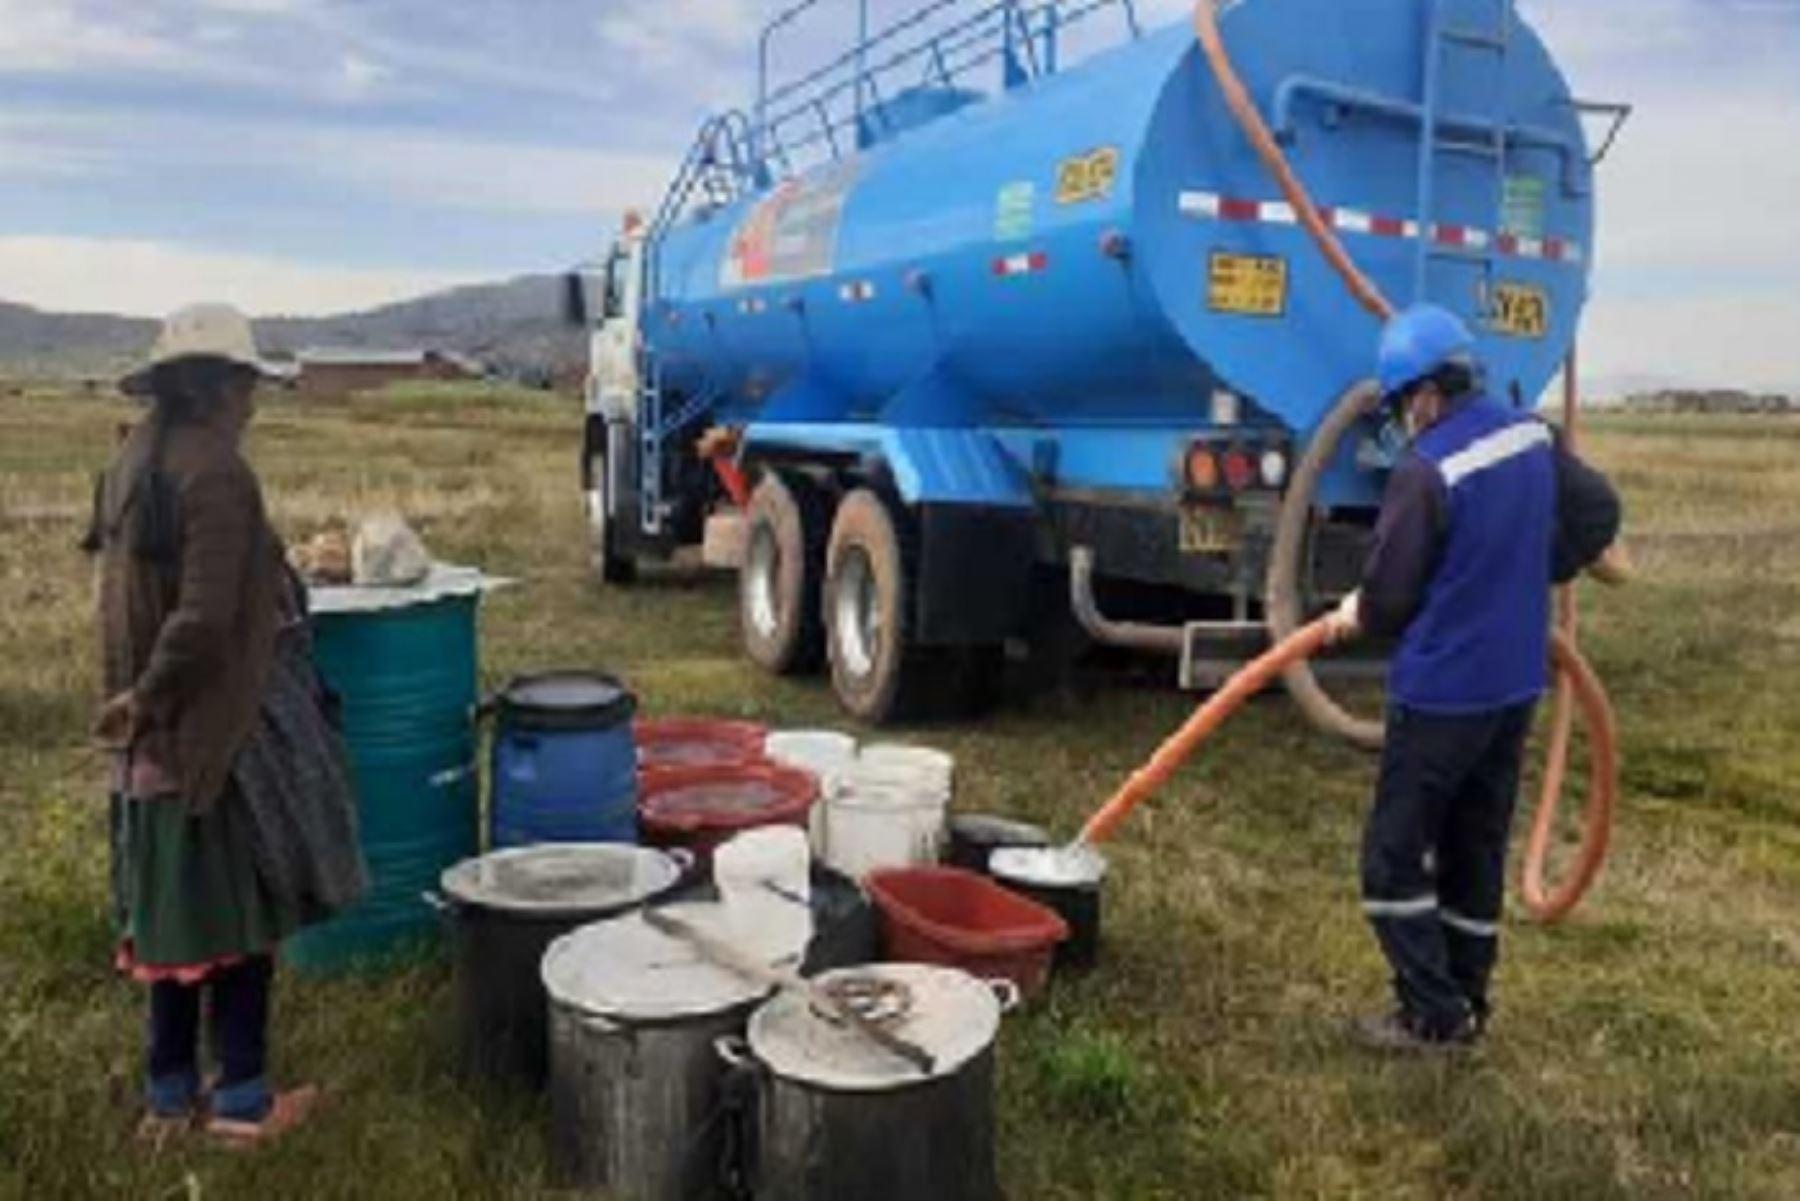 La distribución del agua potable se realizará en las comunidades de Hilata, San Cristóbal, Collpa, Isañura y Capano, en el distrito de Capachica; así como en las localidades de Carata, Llachahui, Sucasco, Lluco, Jochi San Francisco y Arroyo, en Coata; y en las comunidades Yasin y Faon, en Huata.